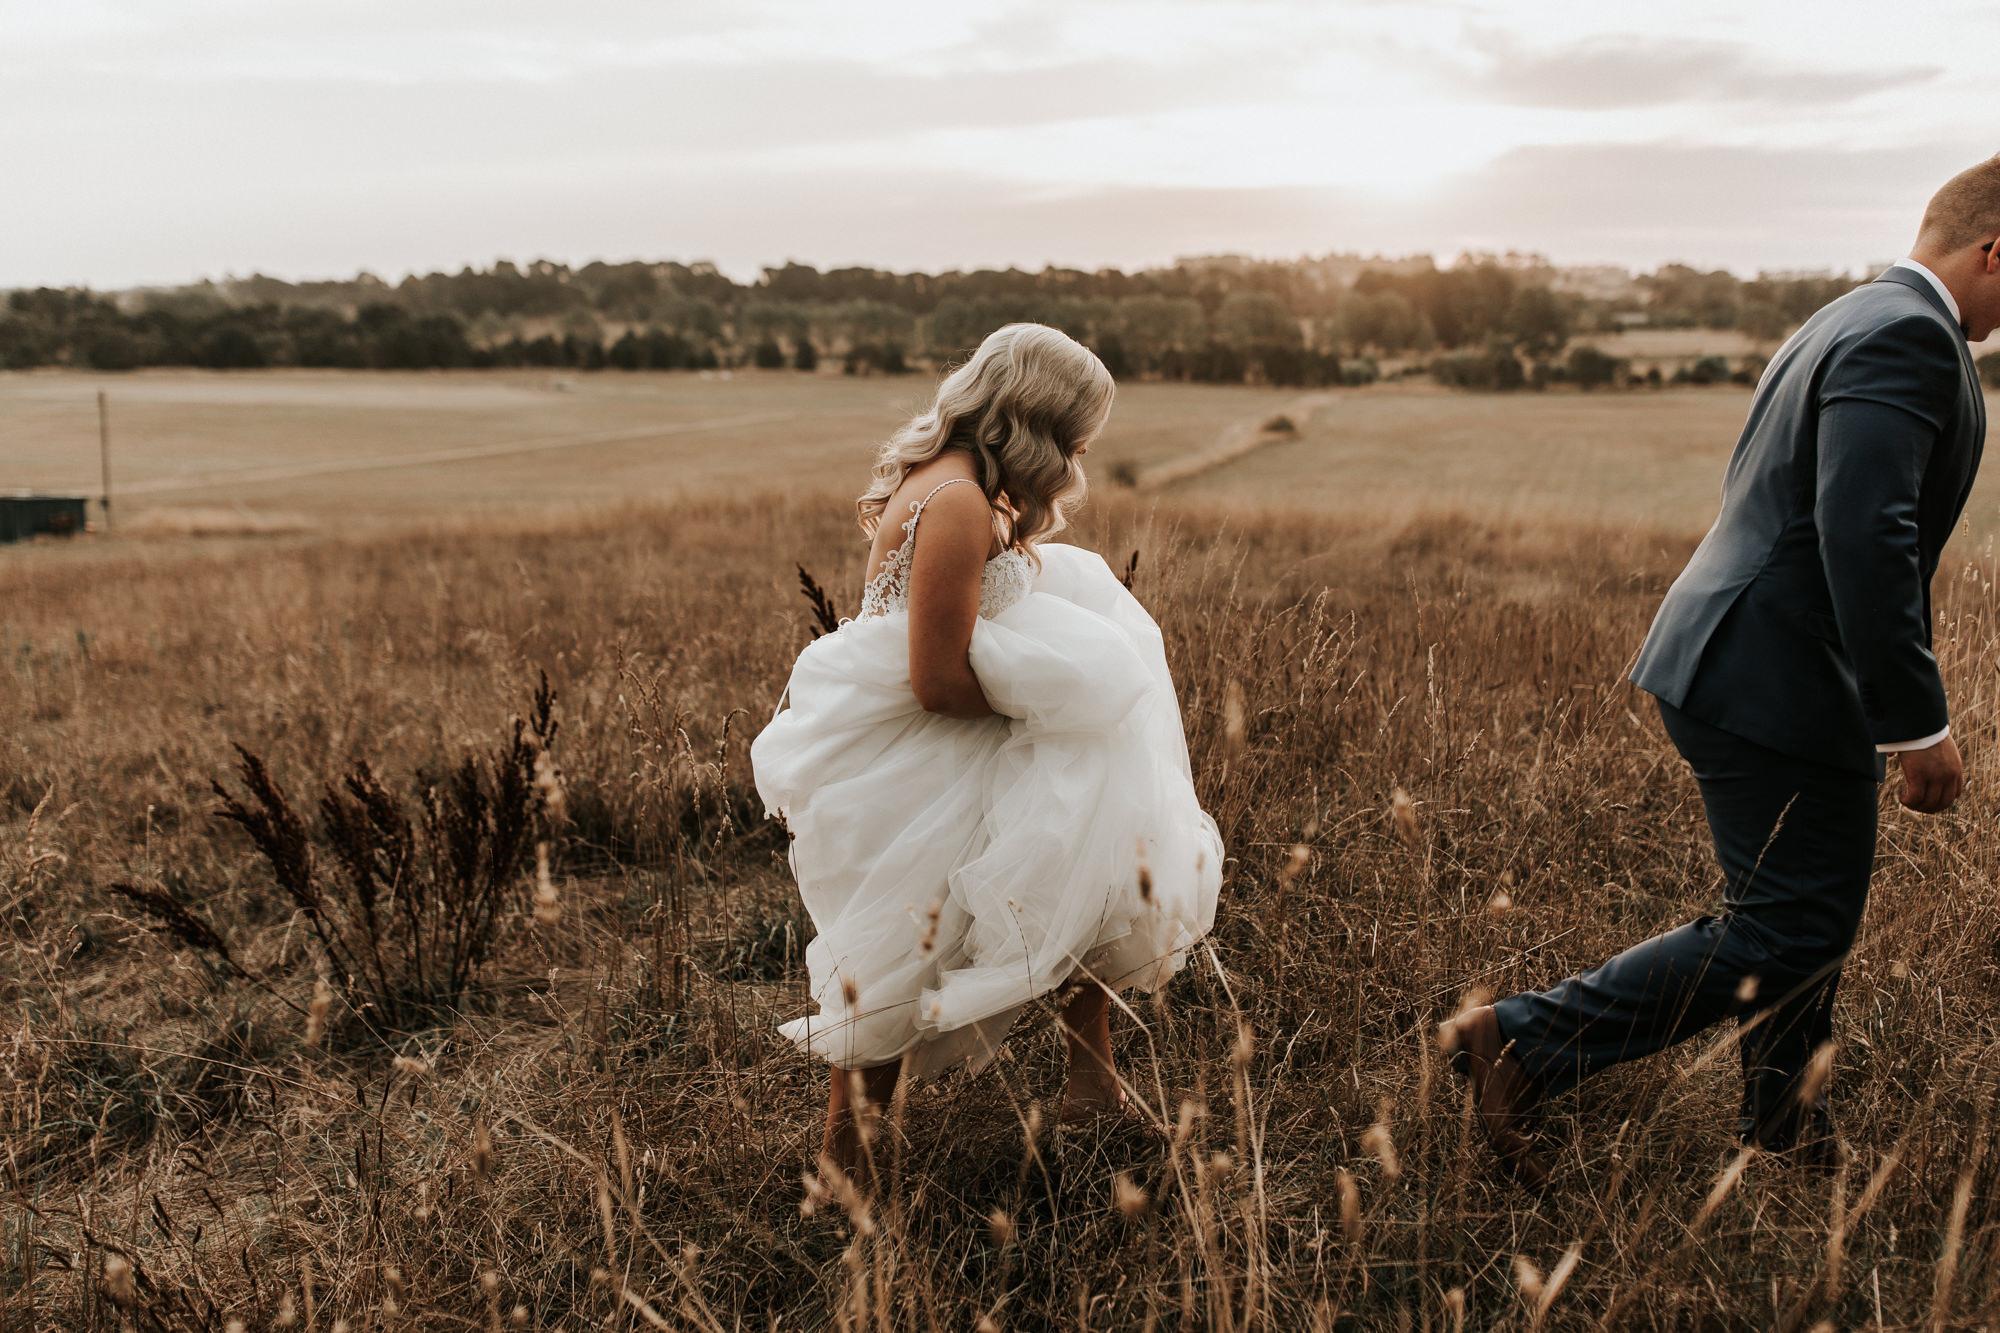 Souther Highlands wedding makeup